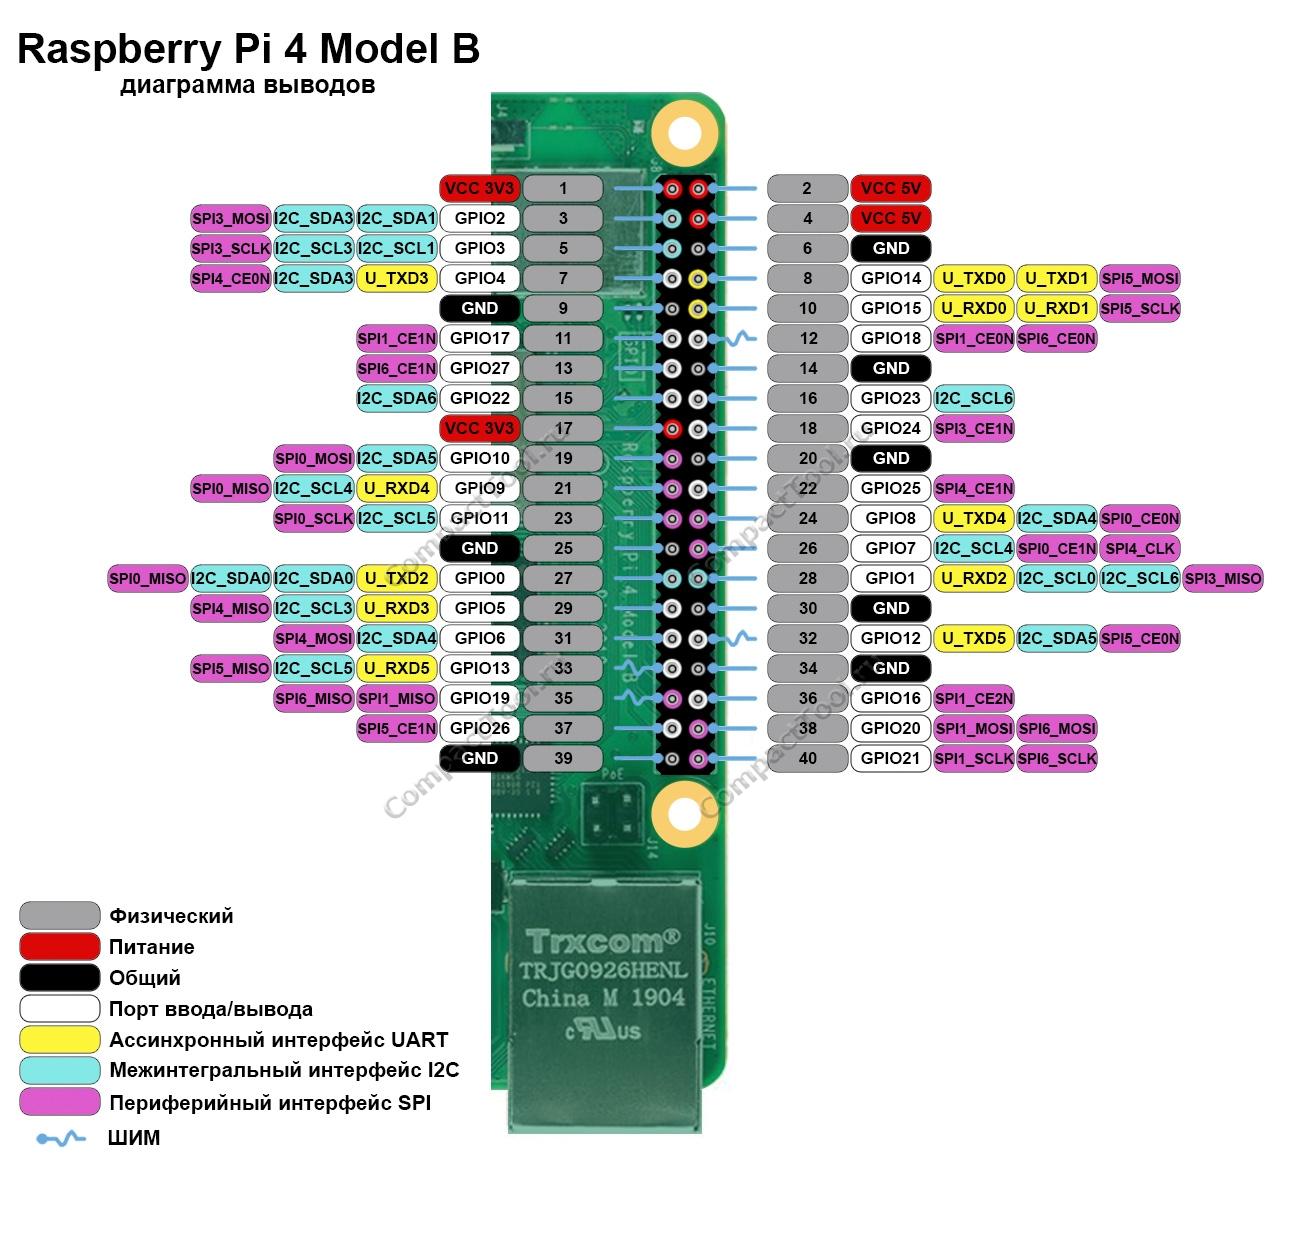 Функциональное назначение выводов Raspberry Pi 4 model B распиновка